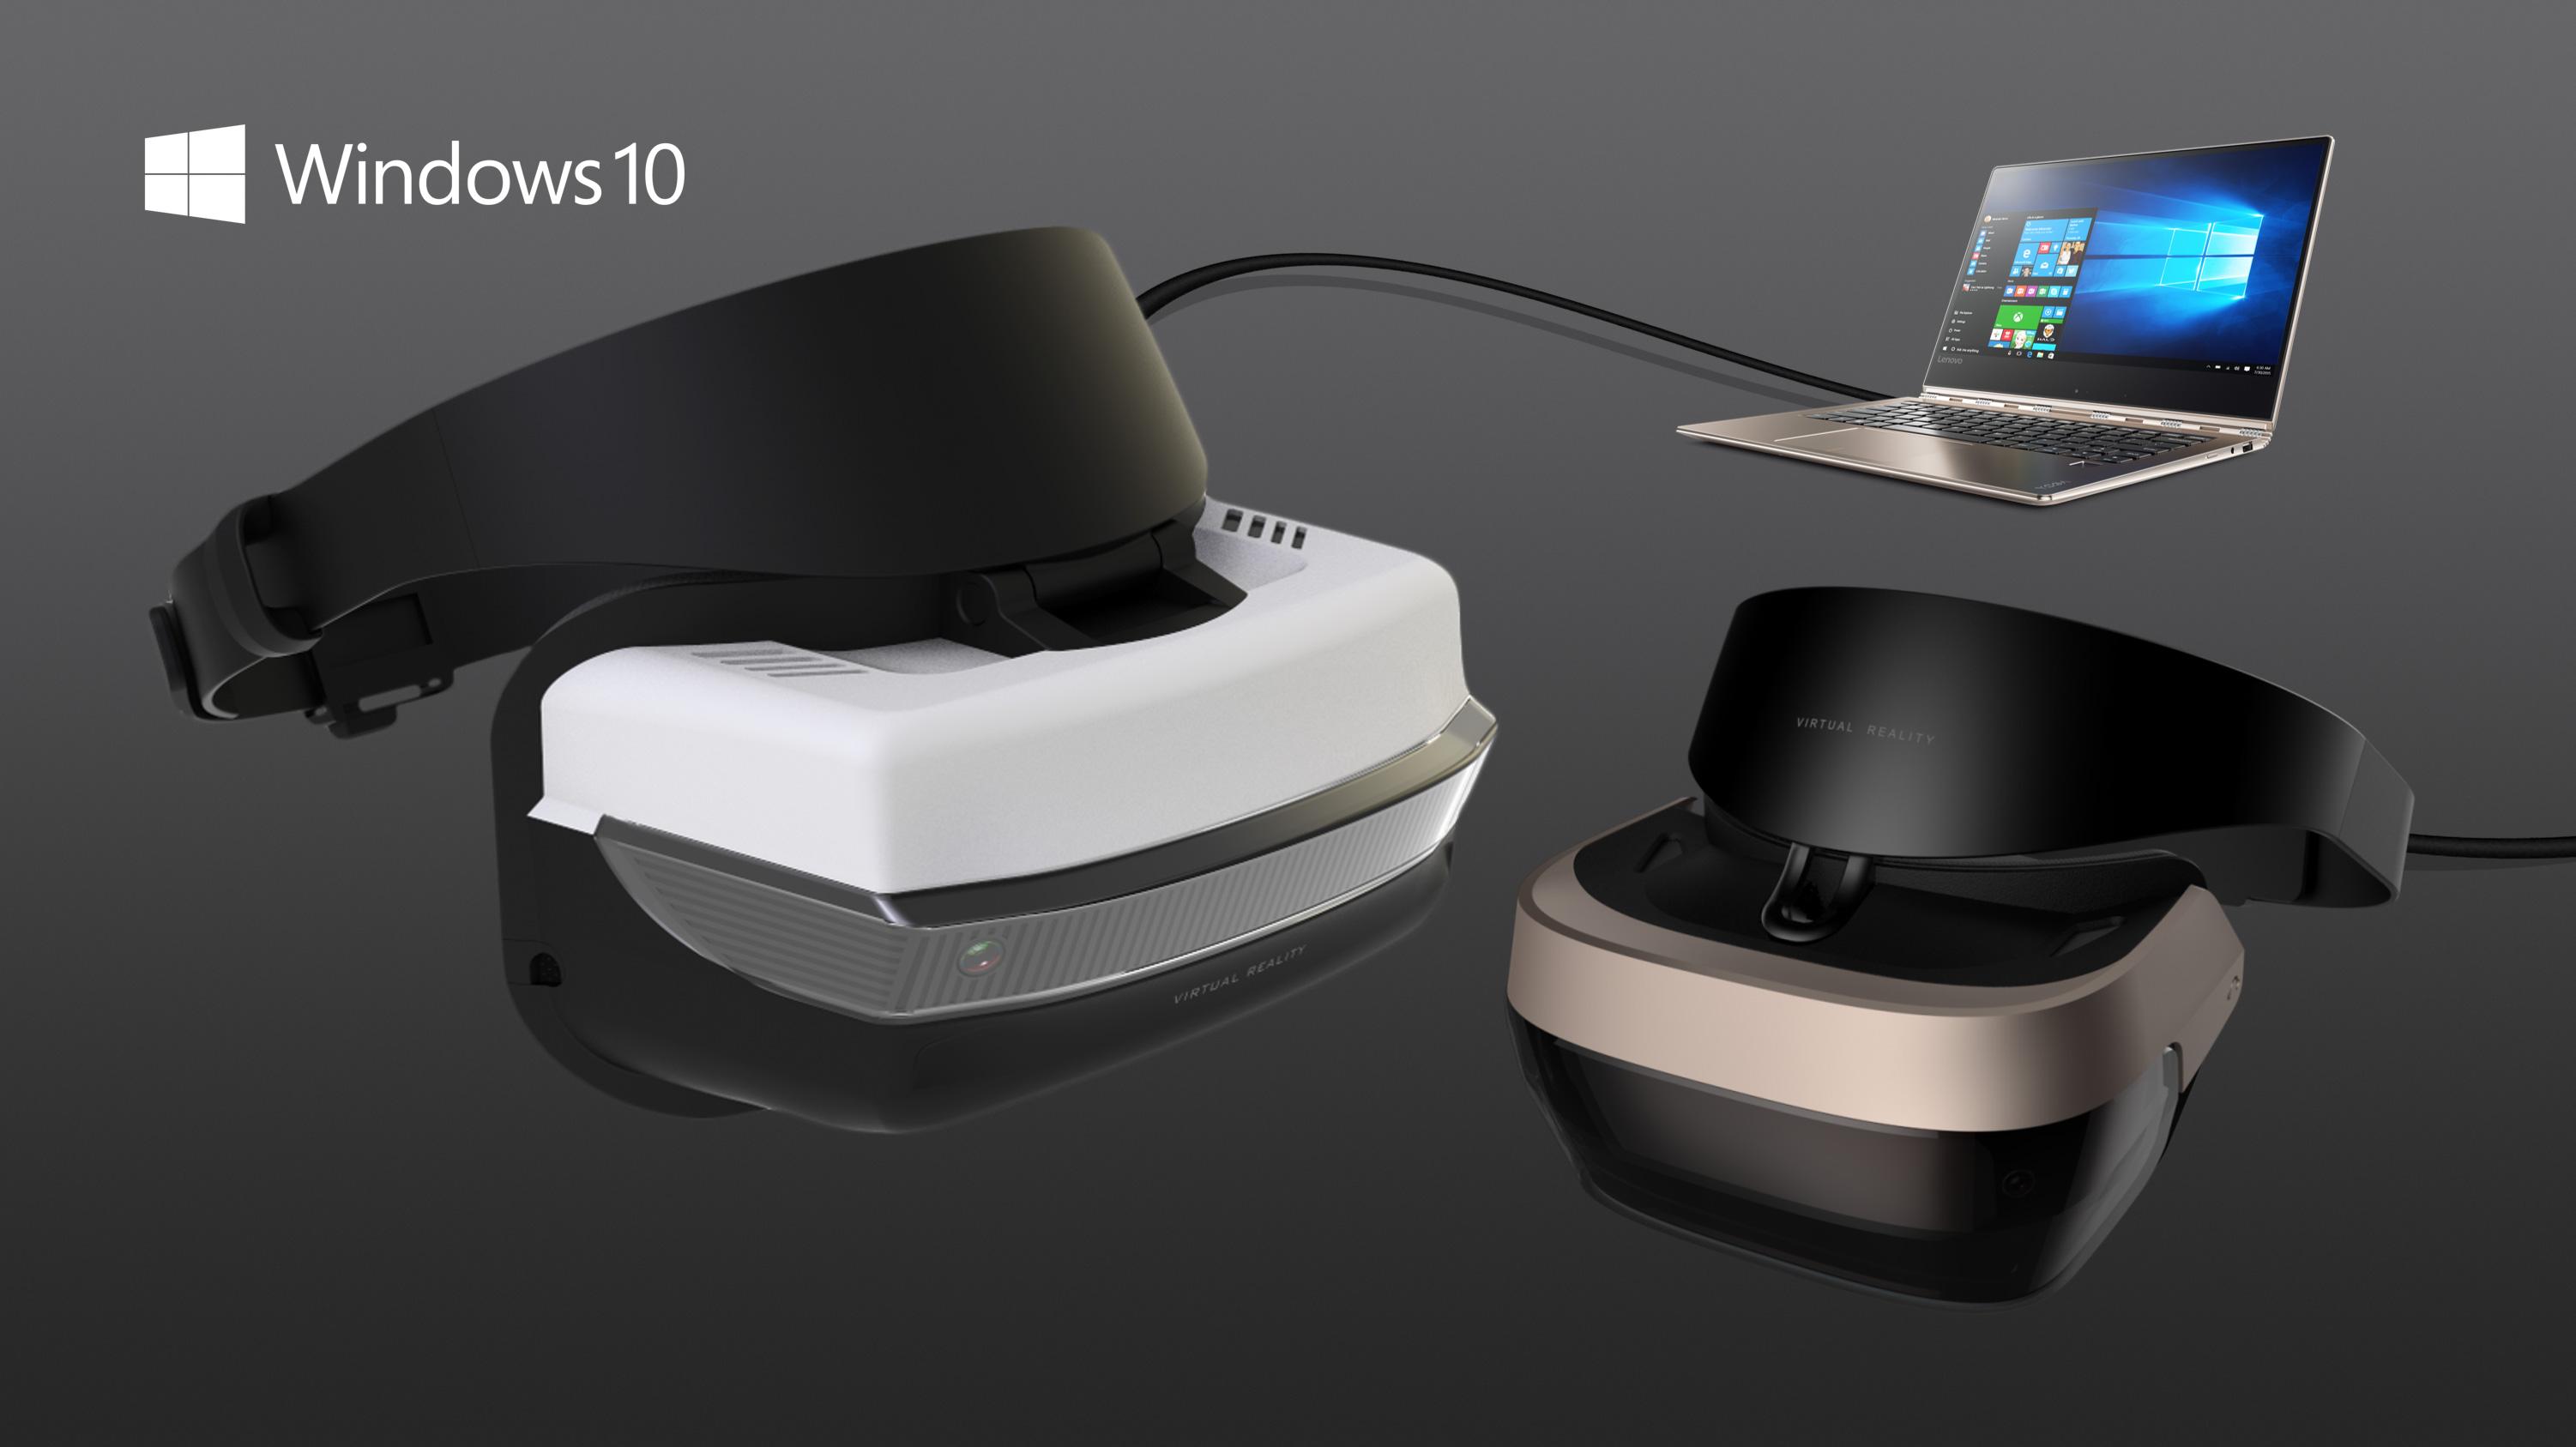 Microsoft annonce des casques de réalité virtuelle enfin abordables pour Windows